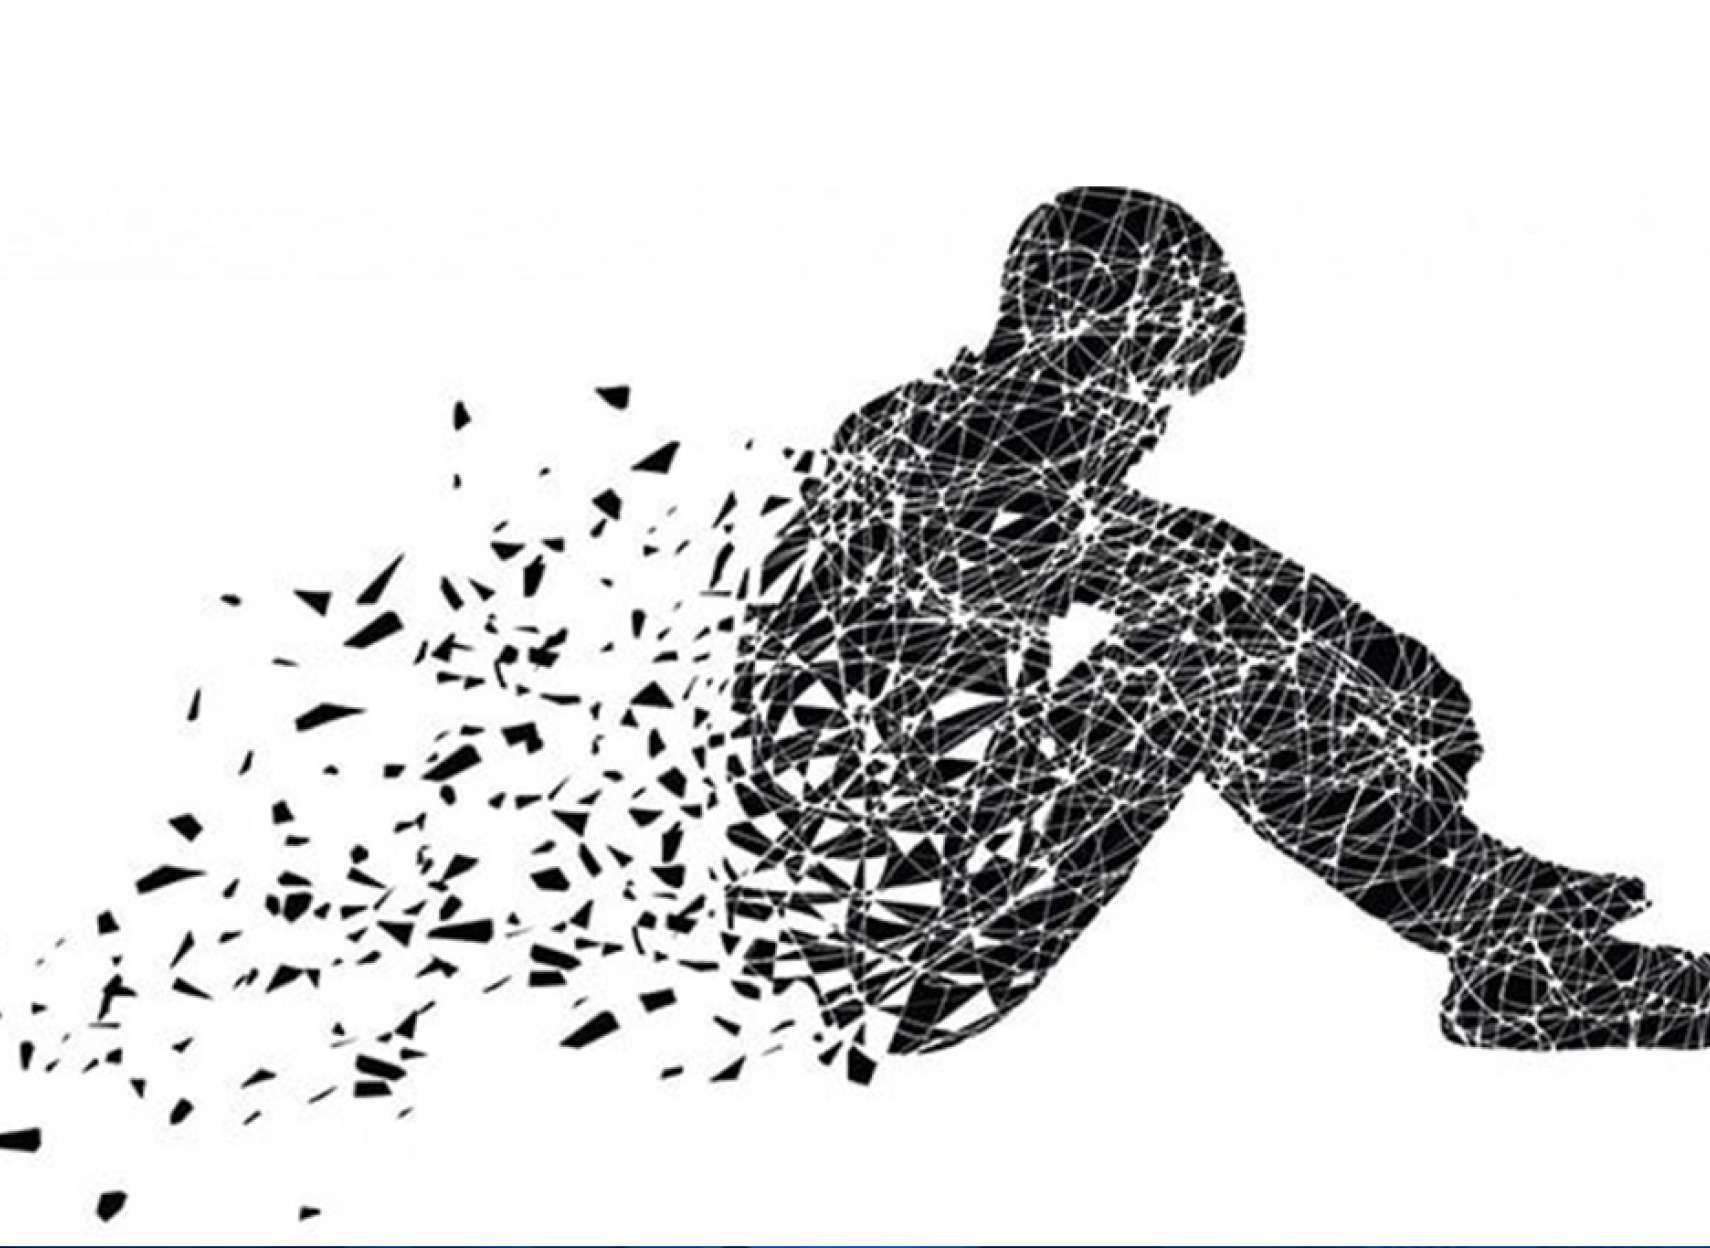 روانشناسی-داعی-غمگین-بودن-افسردگی-نیست